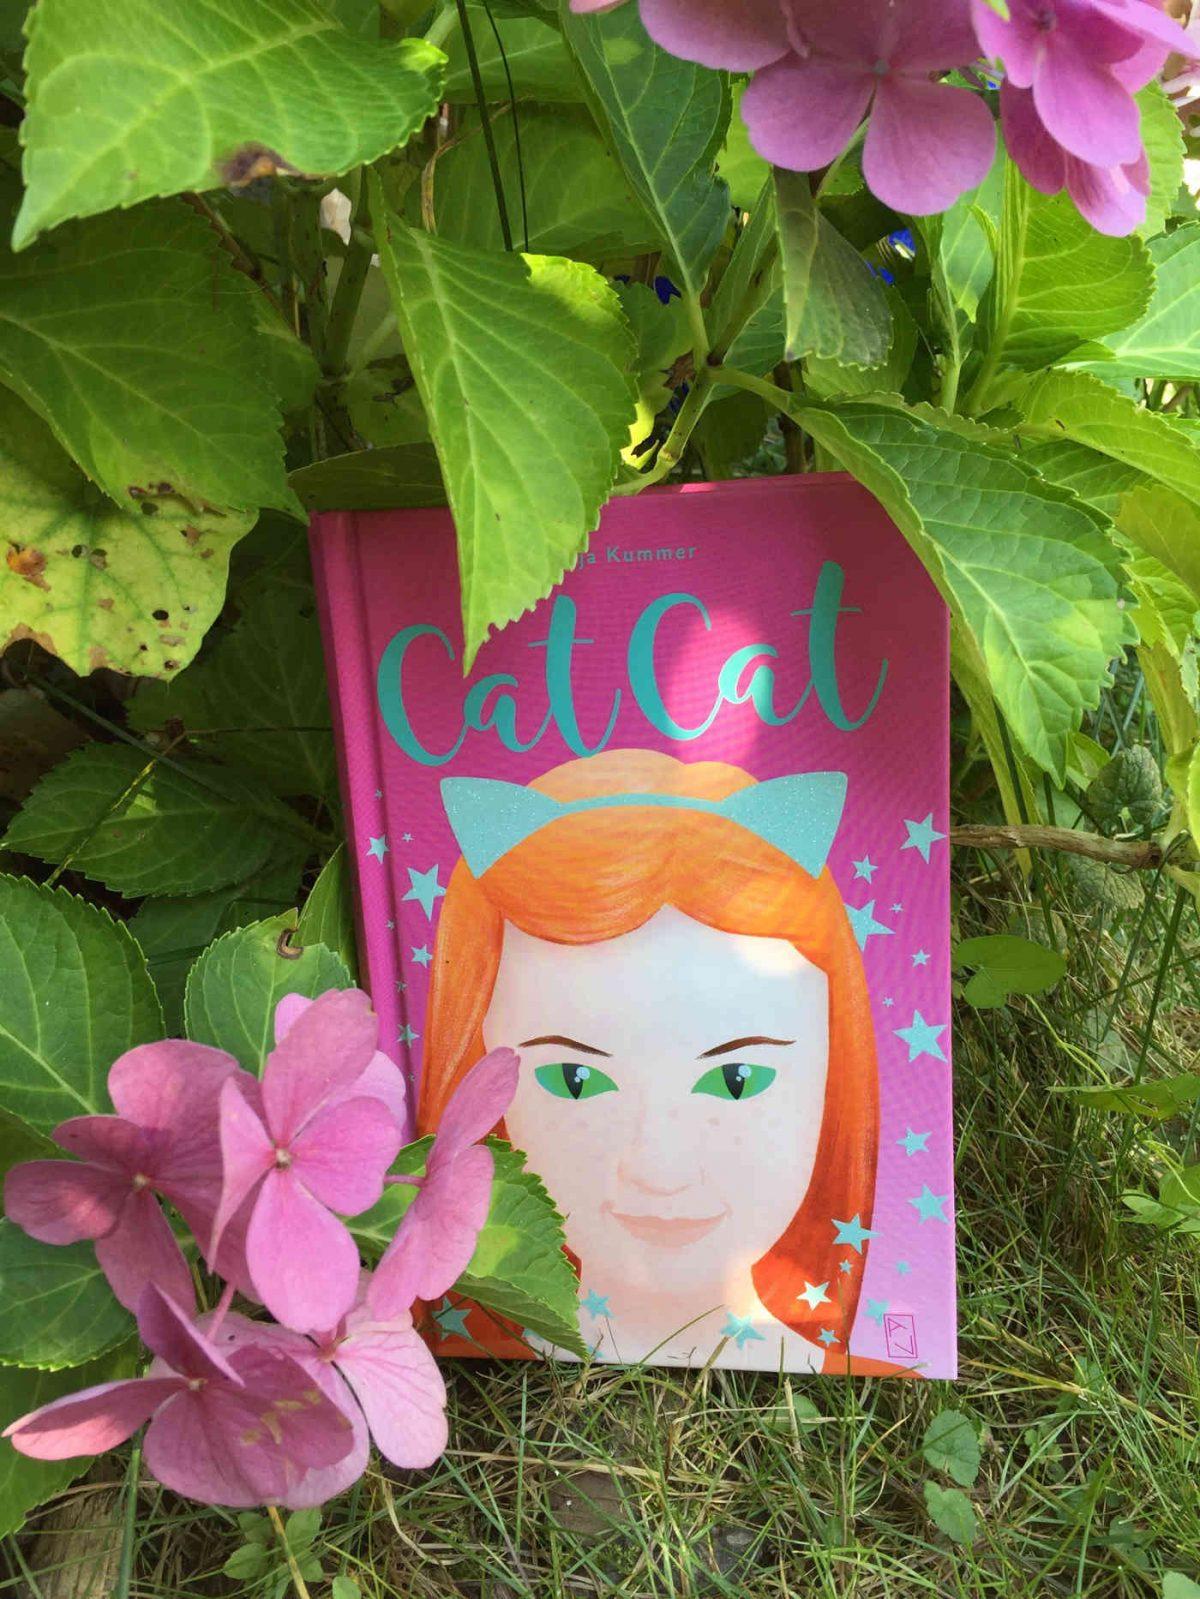 Tanja Kummer Cat Cat Buchempfehlung Brigitte Wallingers Kinderbuchblog Buchtipp Buchempfehlung tolles Kinderbuch Newcomer Schweiz